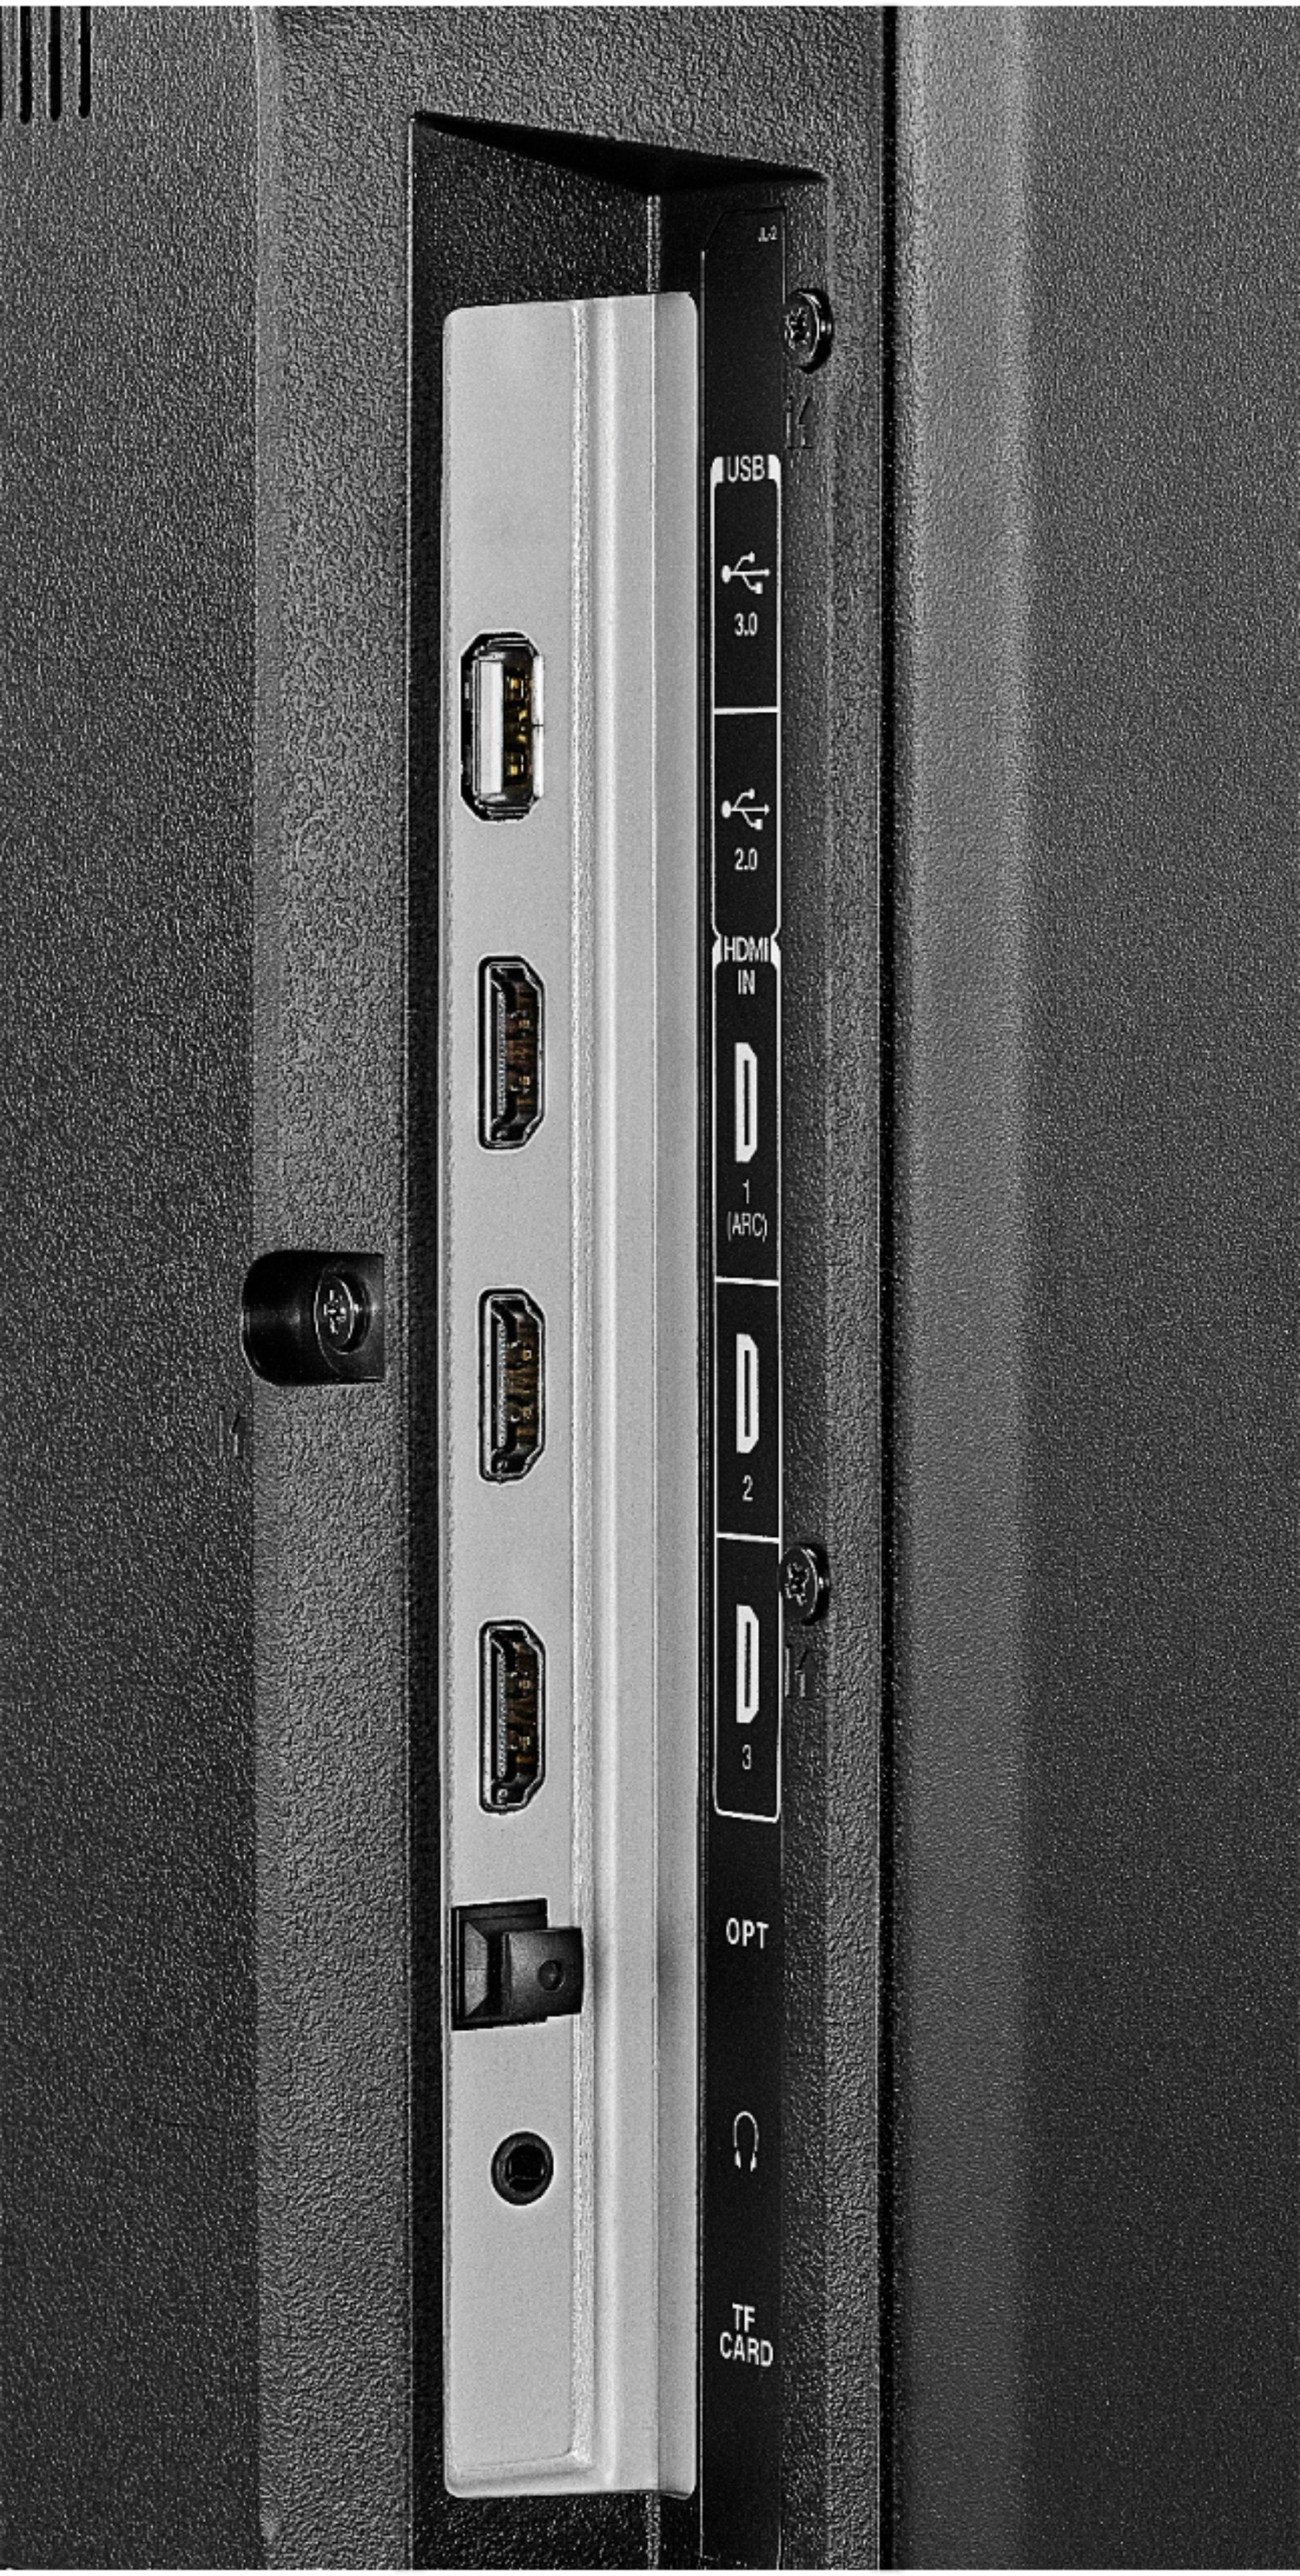 Image 19 for Toshiba 43LF621U19